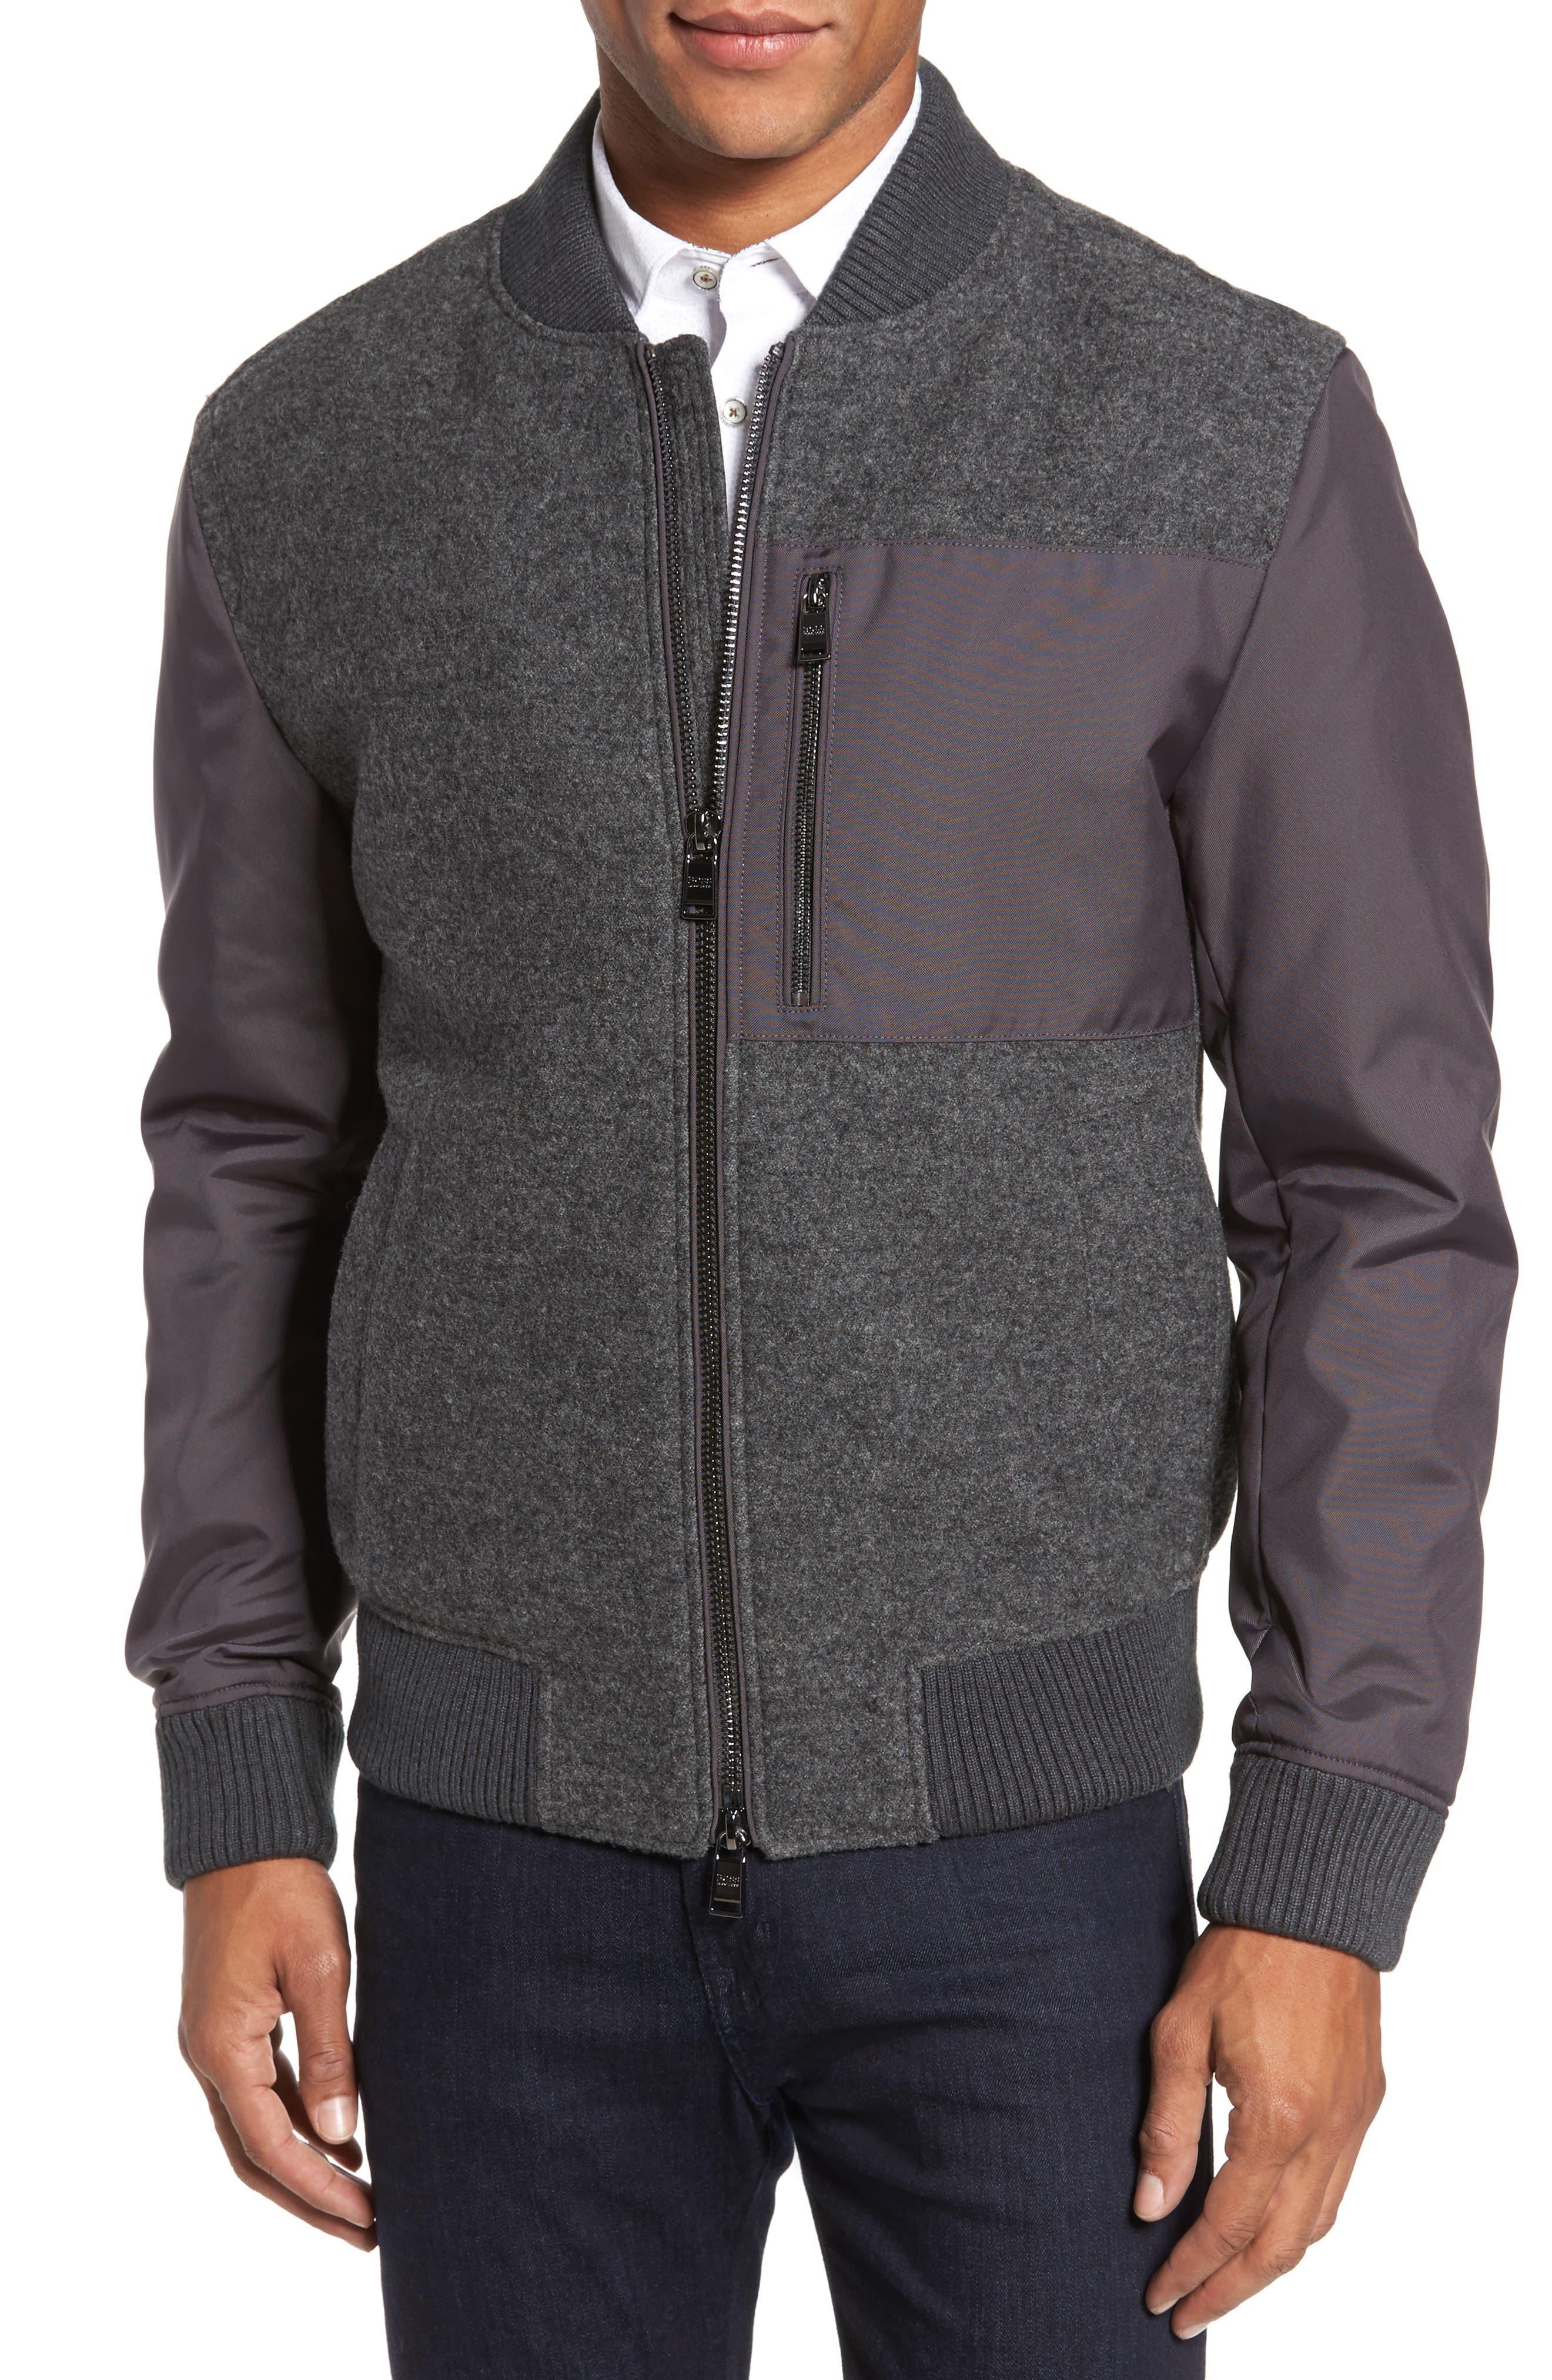 Chaun Mixed Media Bomber Jacket,                         Main,                         color,